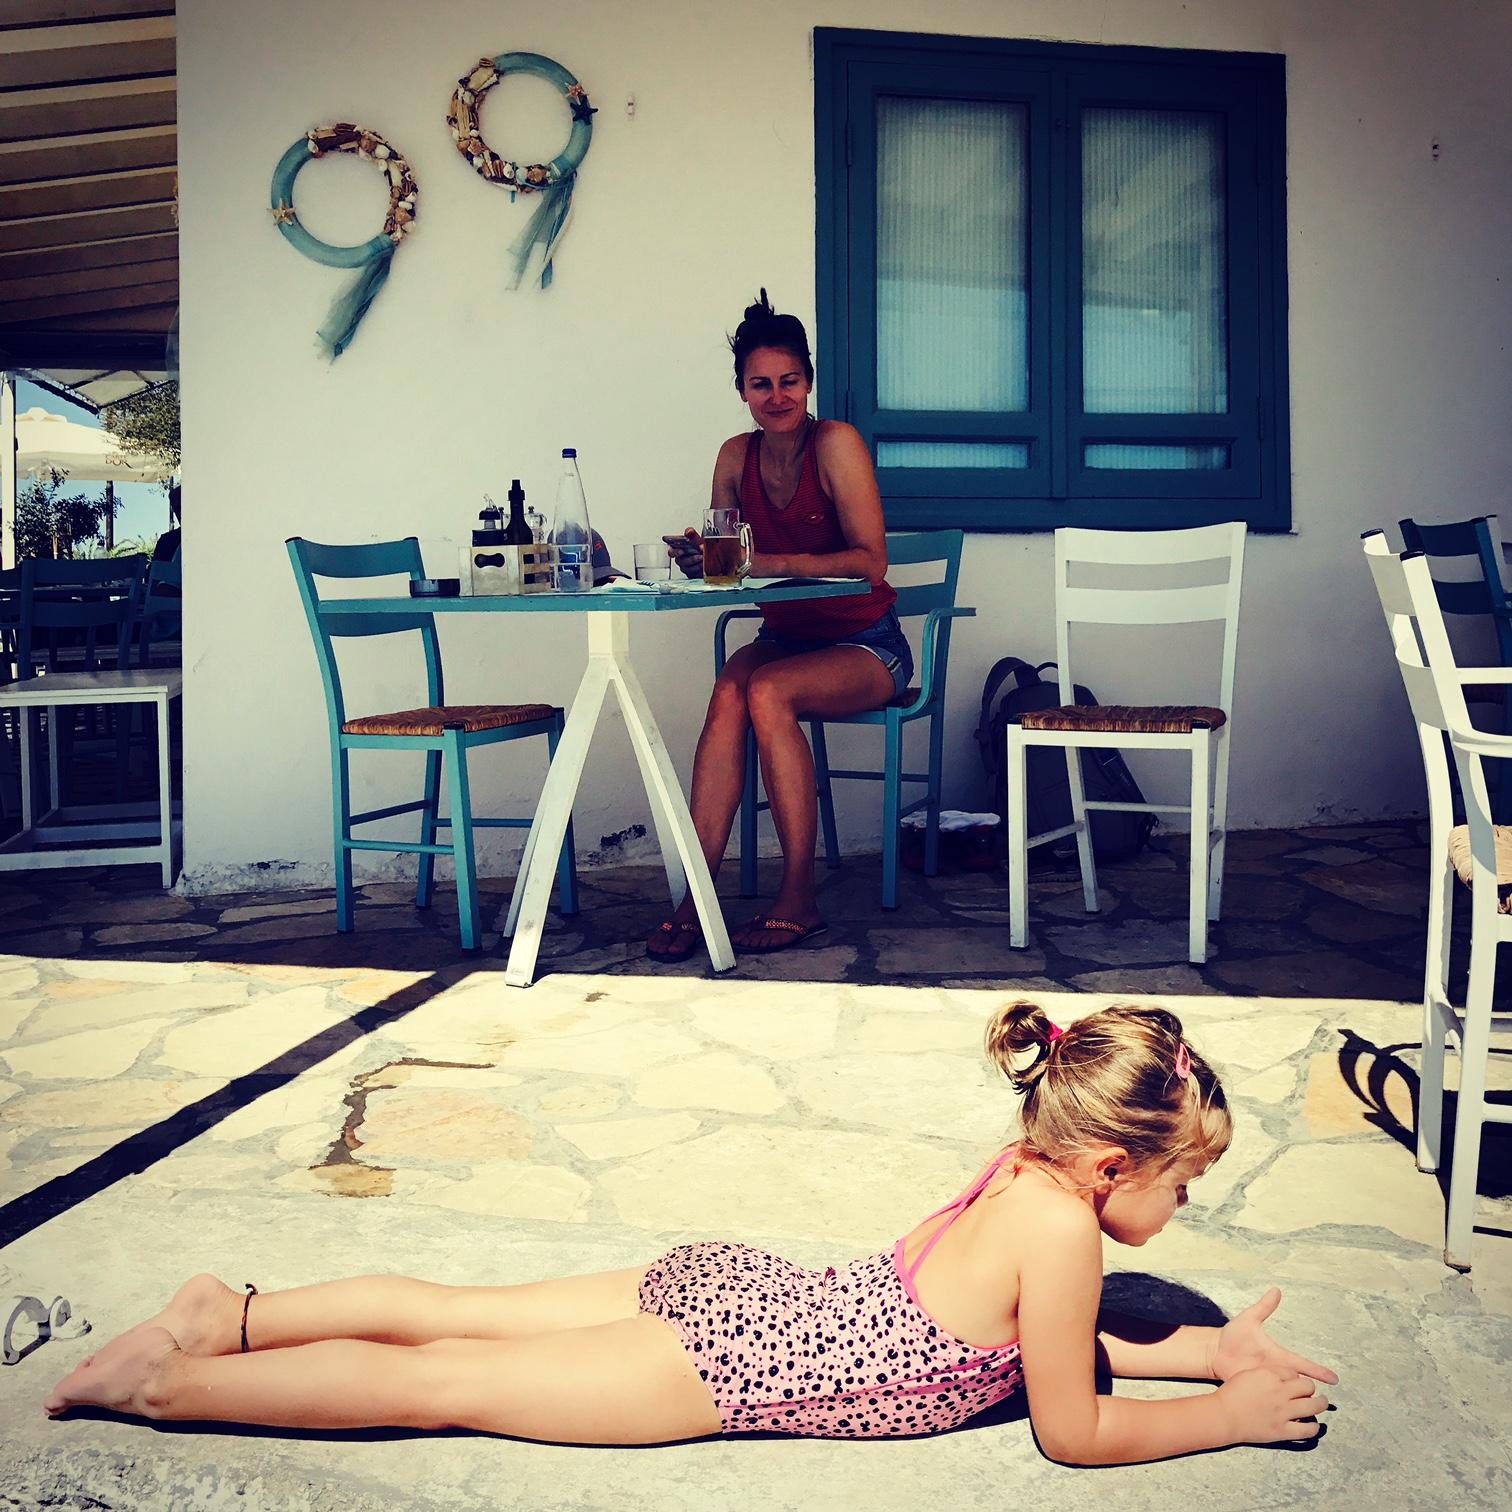 Mutter im Hintergrund auf einem Stuhl, kleines Mädchen im Vordergrund liegend vor der Bar Flisvos Seaside, Korfu